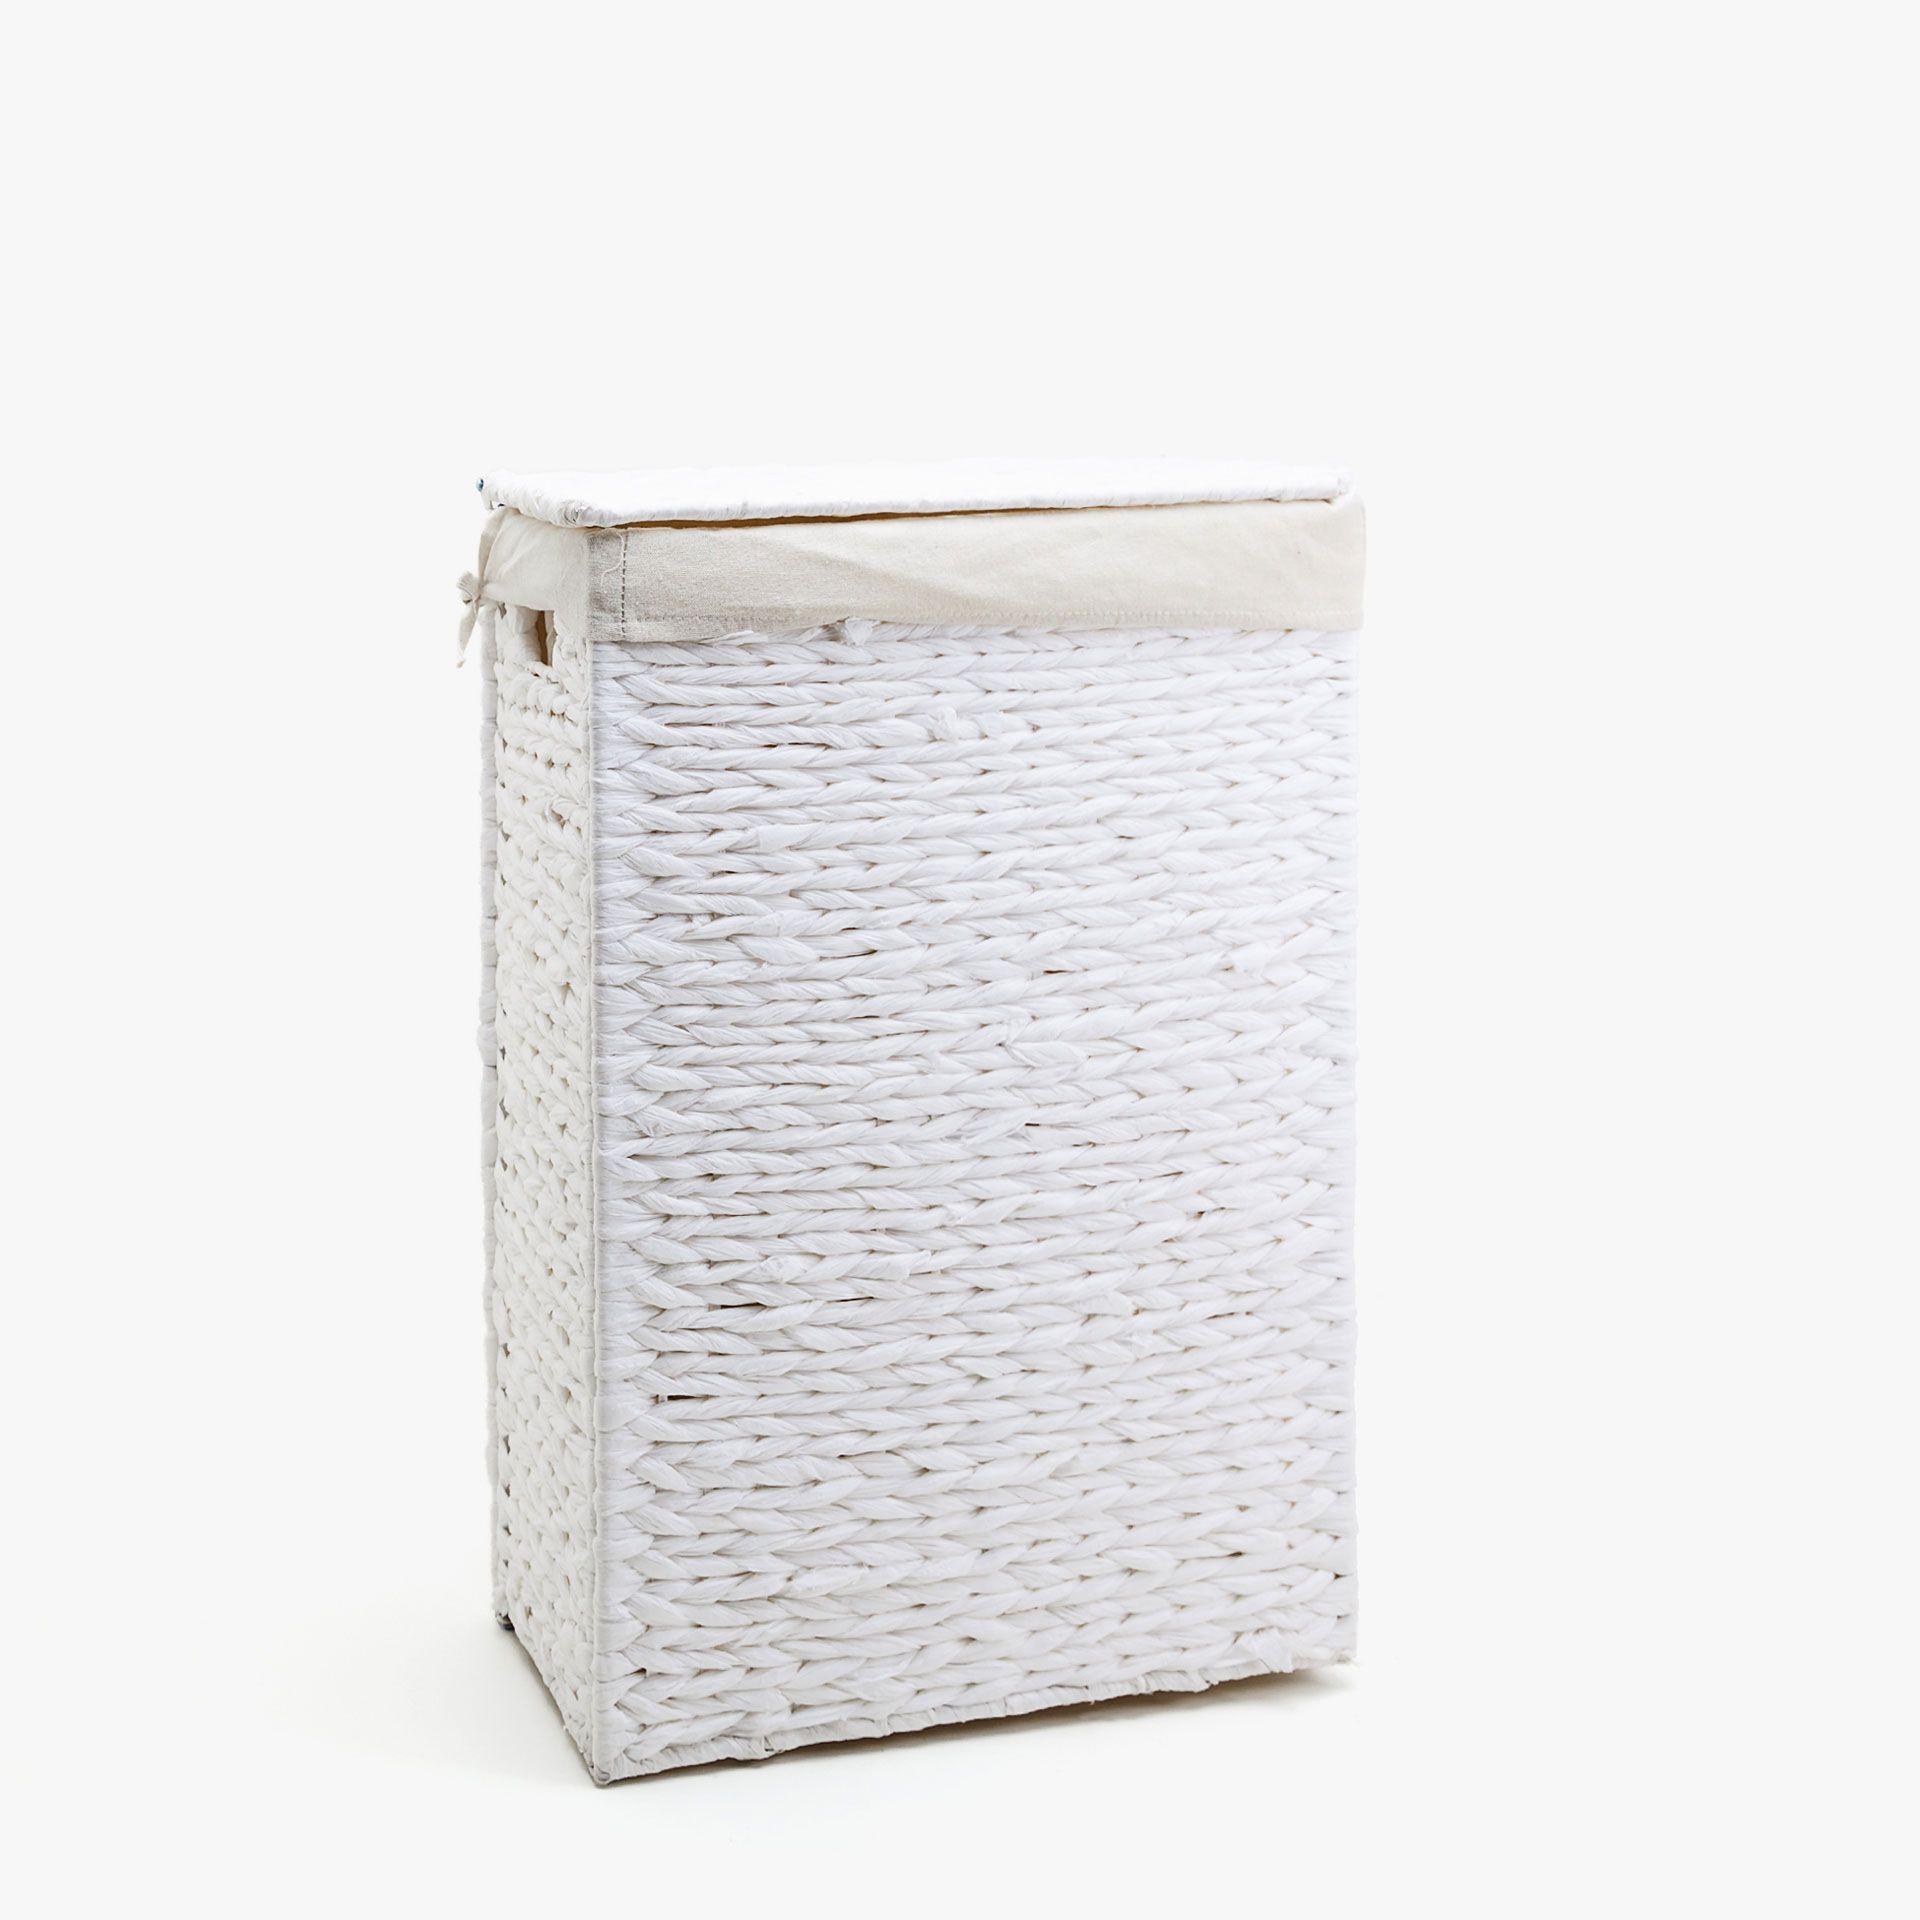 Bild 1 Des Produktes Geflochtener Waschekorb Mit Deckel Waschekorb Mit Deckel Waschekorb Korb Dekoration